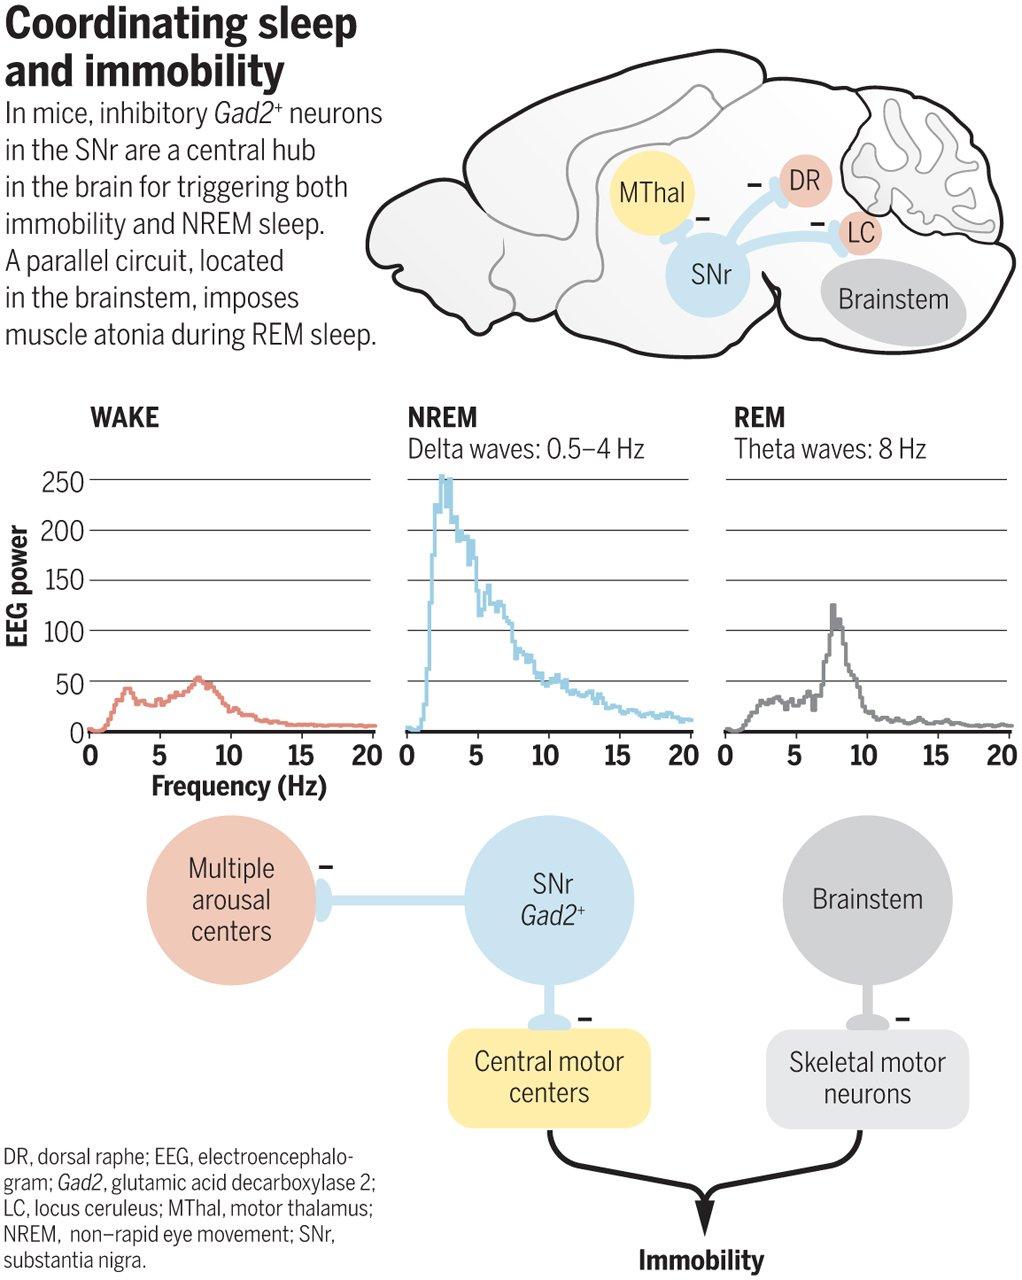 Почему мы неподвижны во сне?